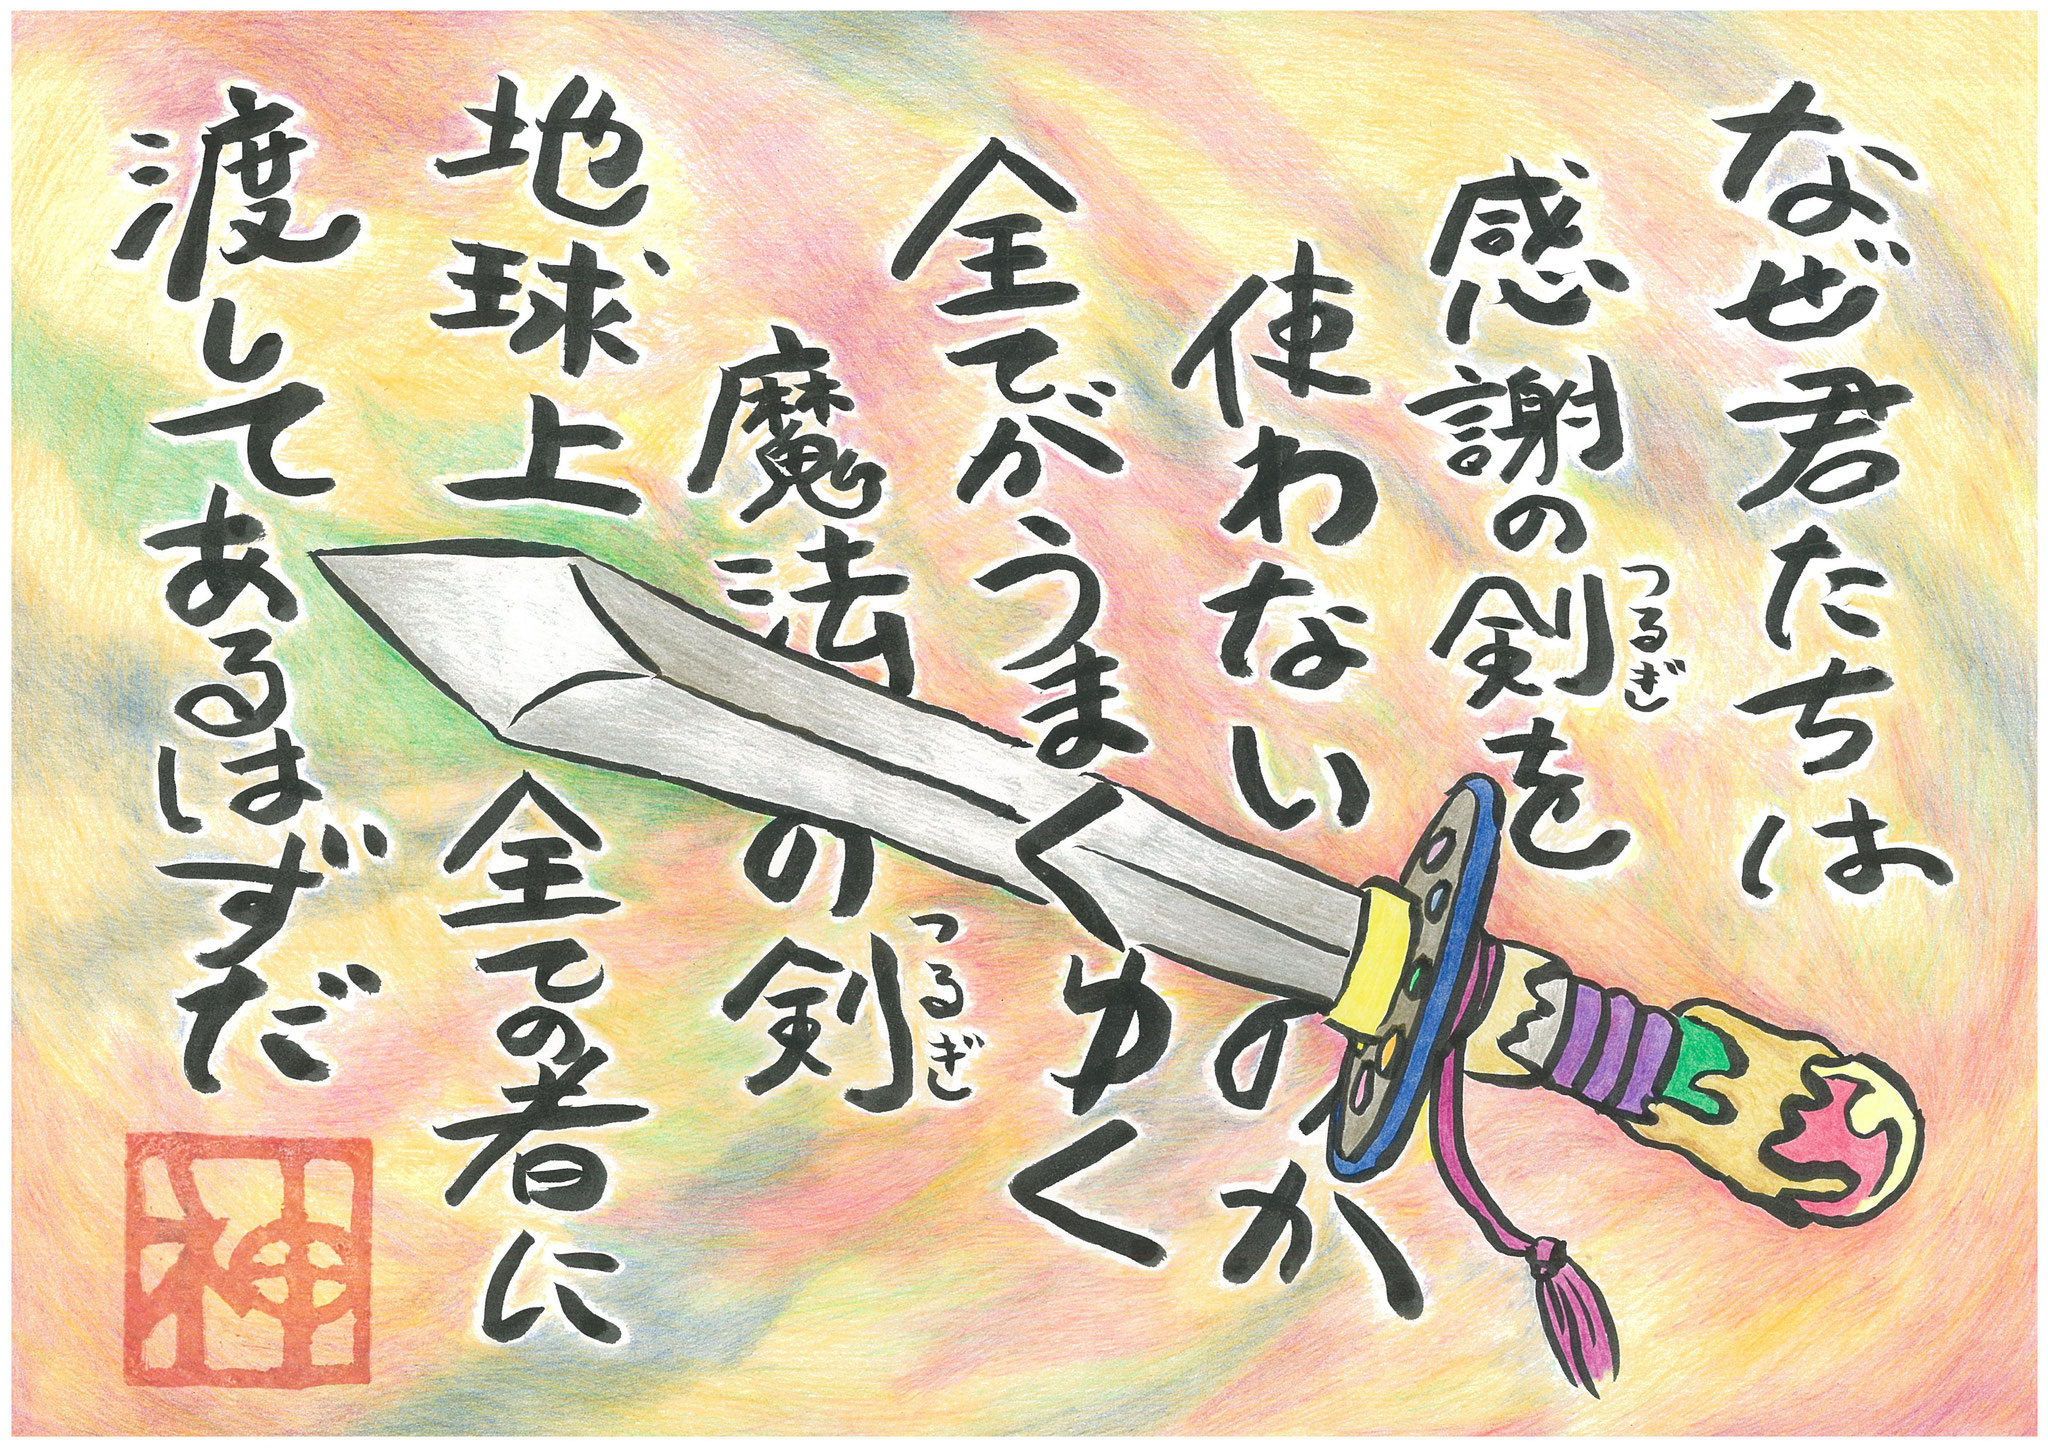 感謝の剣。魔法の剣。記憶力を簡単に上げる事ができる記憶術の根幹である 『 街(場所) 』 『 想像力(イメージ力) 』 を具現化する 『 アトリエきよし(吉村清:福岡の思想家・漫画家・イラストレーター) 』 氏 作品。